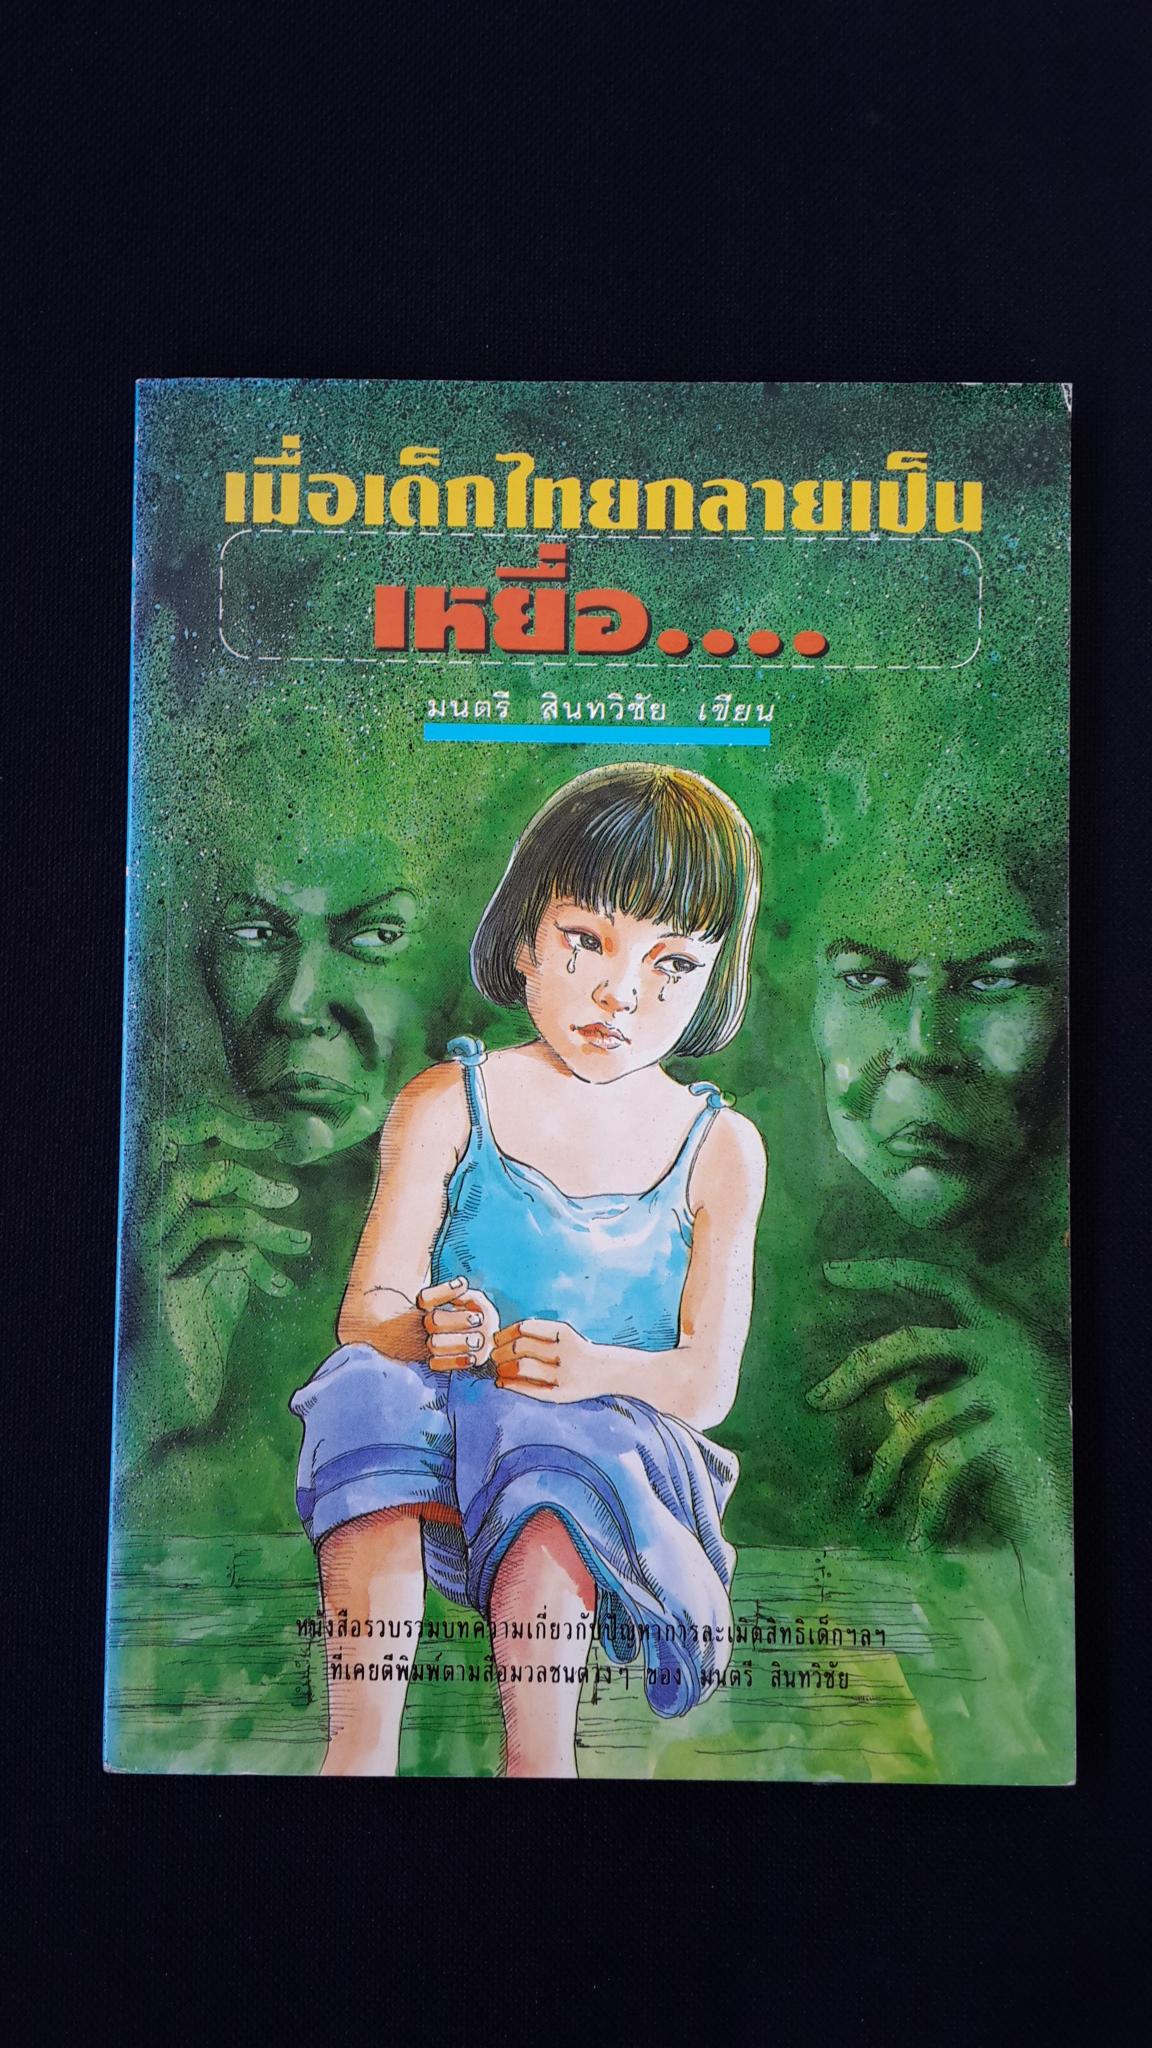 เมื่อเด็กไทยกลายเป็น เหยื่อ.. / มนตรี สินทวิชัย